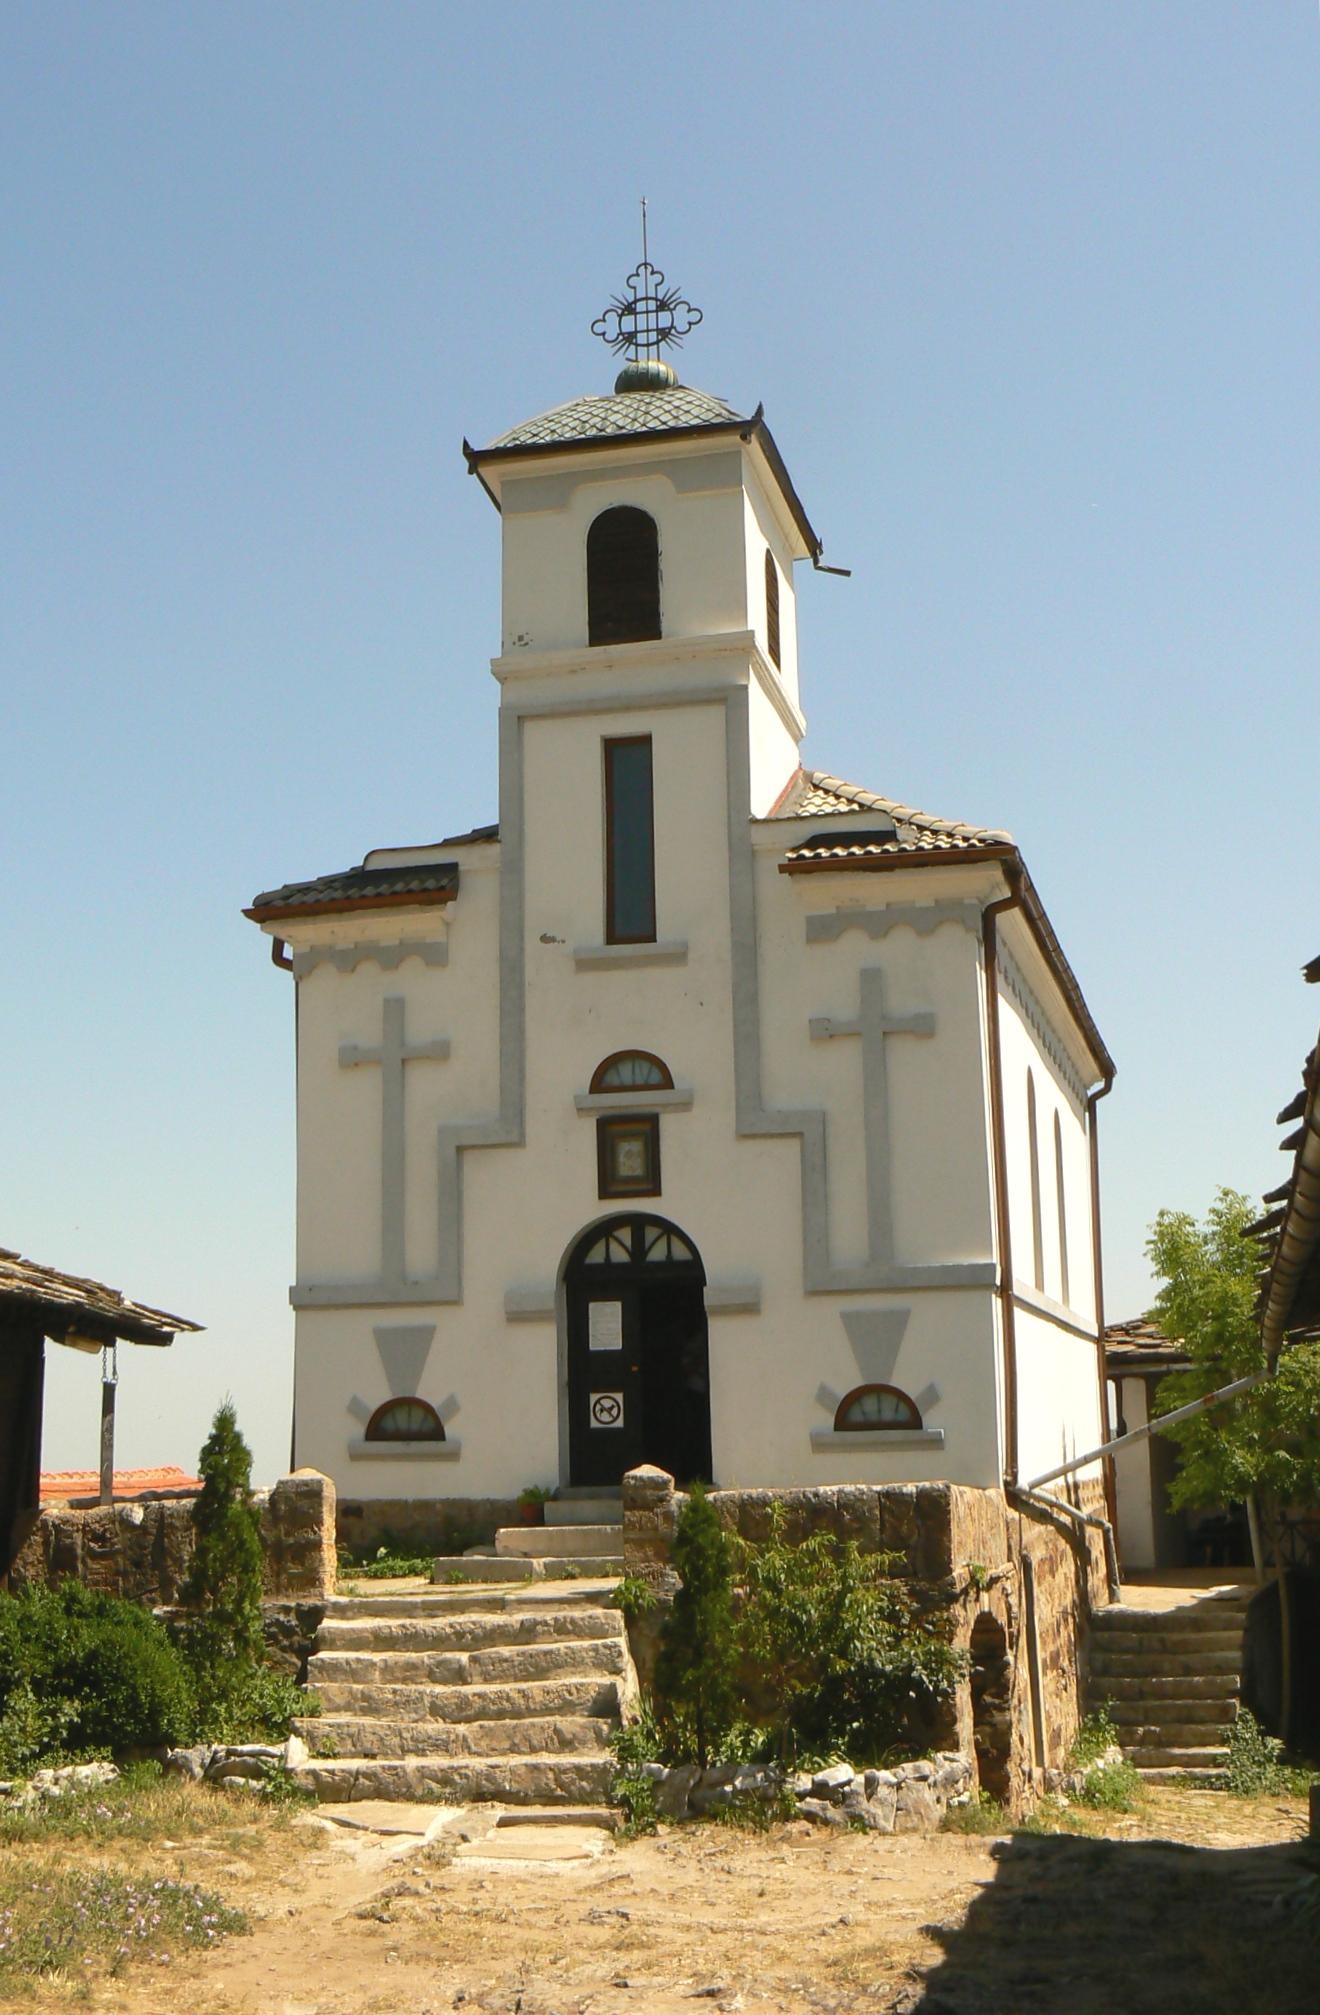 """Гложенският манастир е чудният """"купол"""" върху планинския склон Лисец, под планинския връх Камен Лисец, близо до село Гложене, на 12 км от град Тетевен, към Ловчанска епархия, при това близо и до София – на около 100 км."""